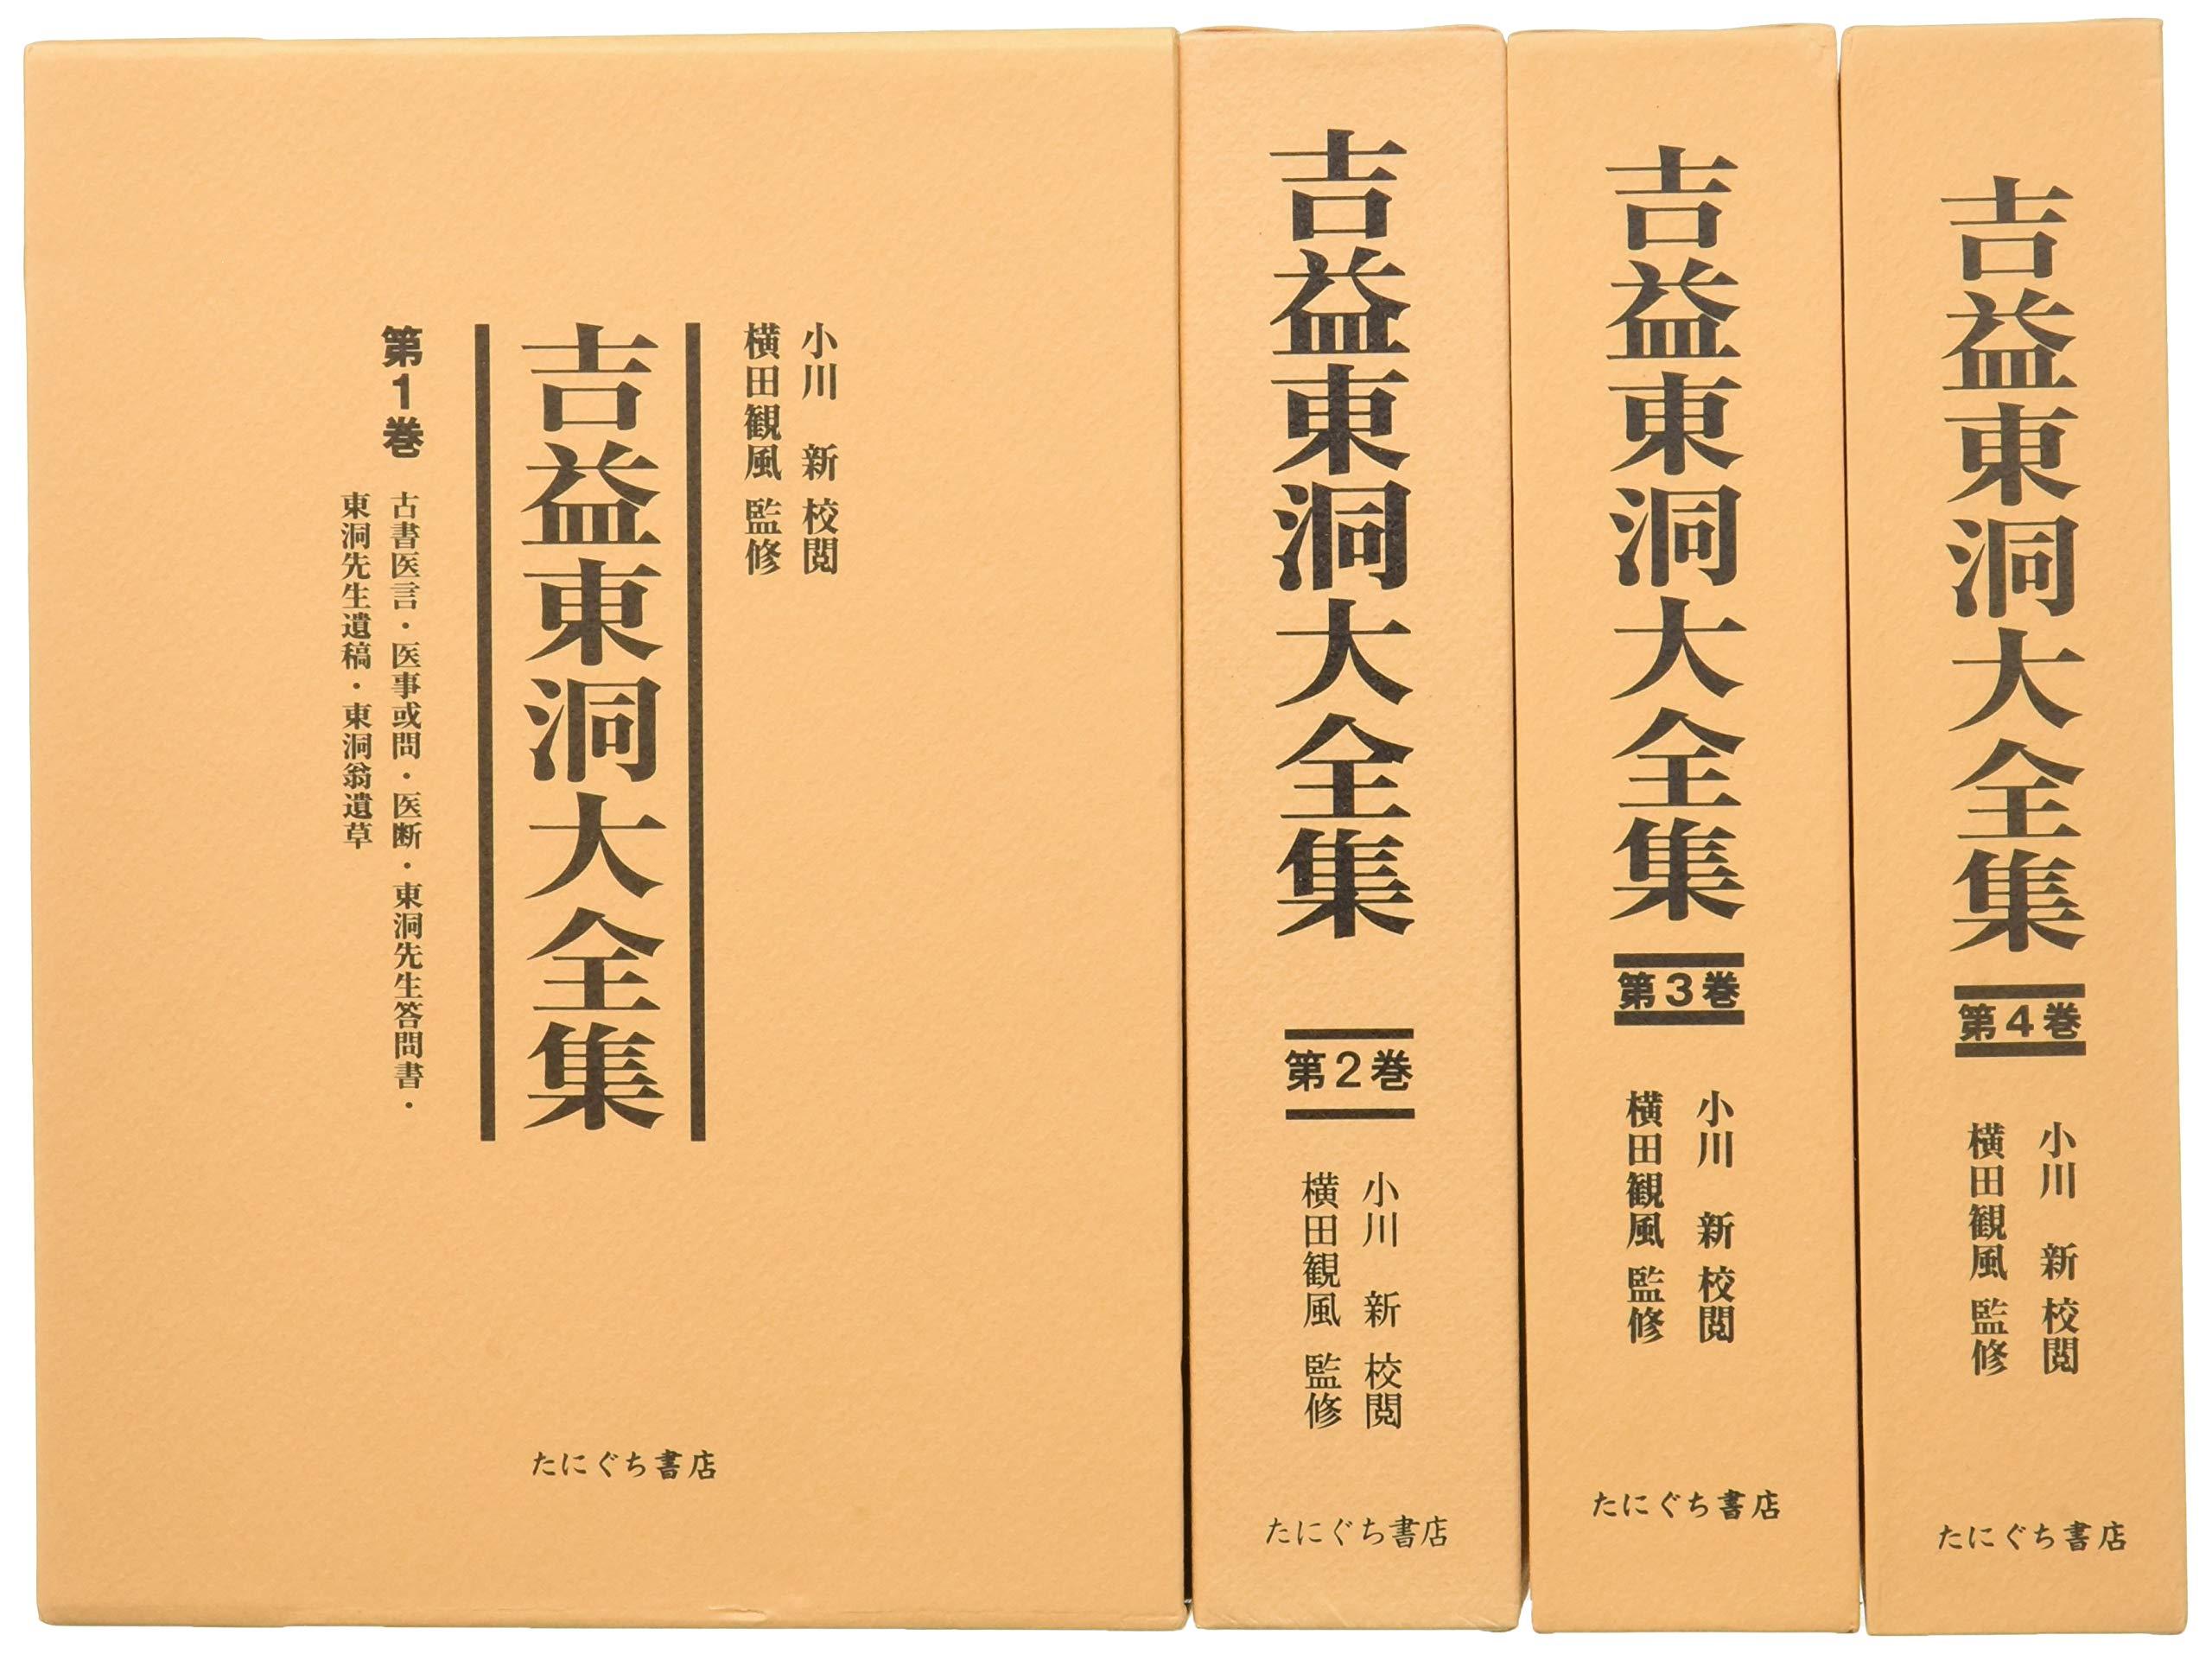 吉益東洞大全集(全4巻) | 吉益 ...